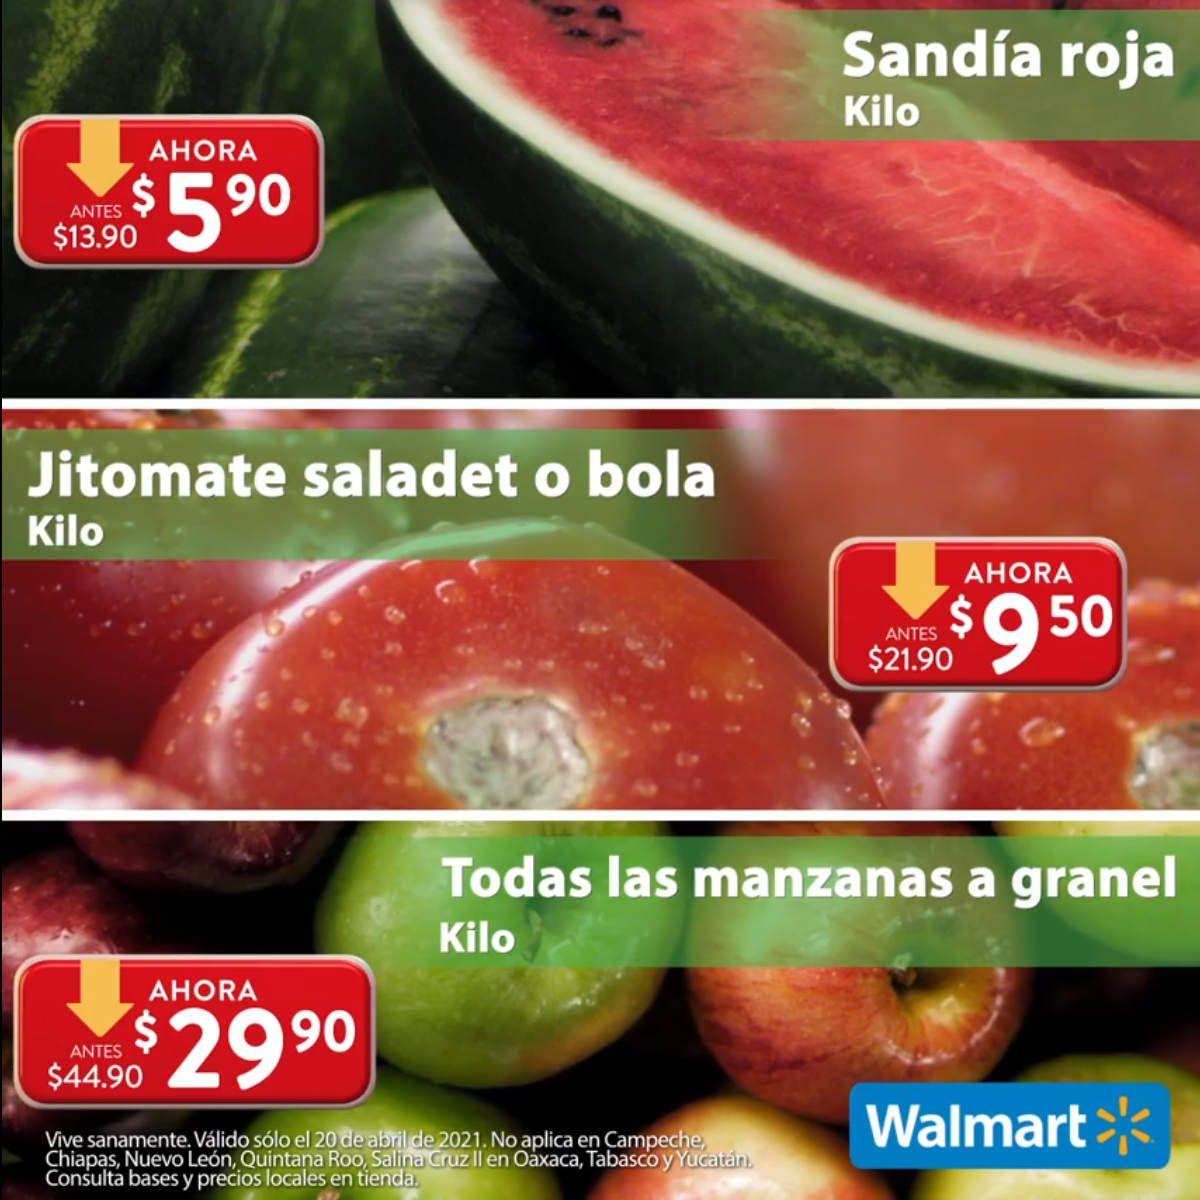 Walmart: Martes de Frescura 20 Abril: Sandía $5.90 kg... Jitomate Saladet ó Bola $9.50 kg... Todas las Manzanas $29.90 kg.